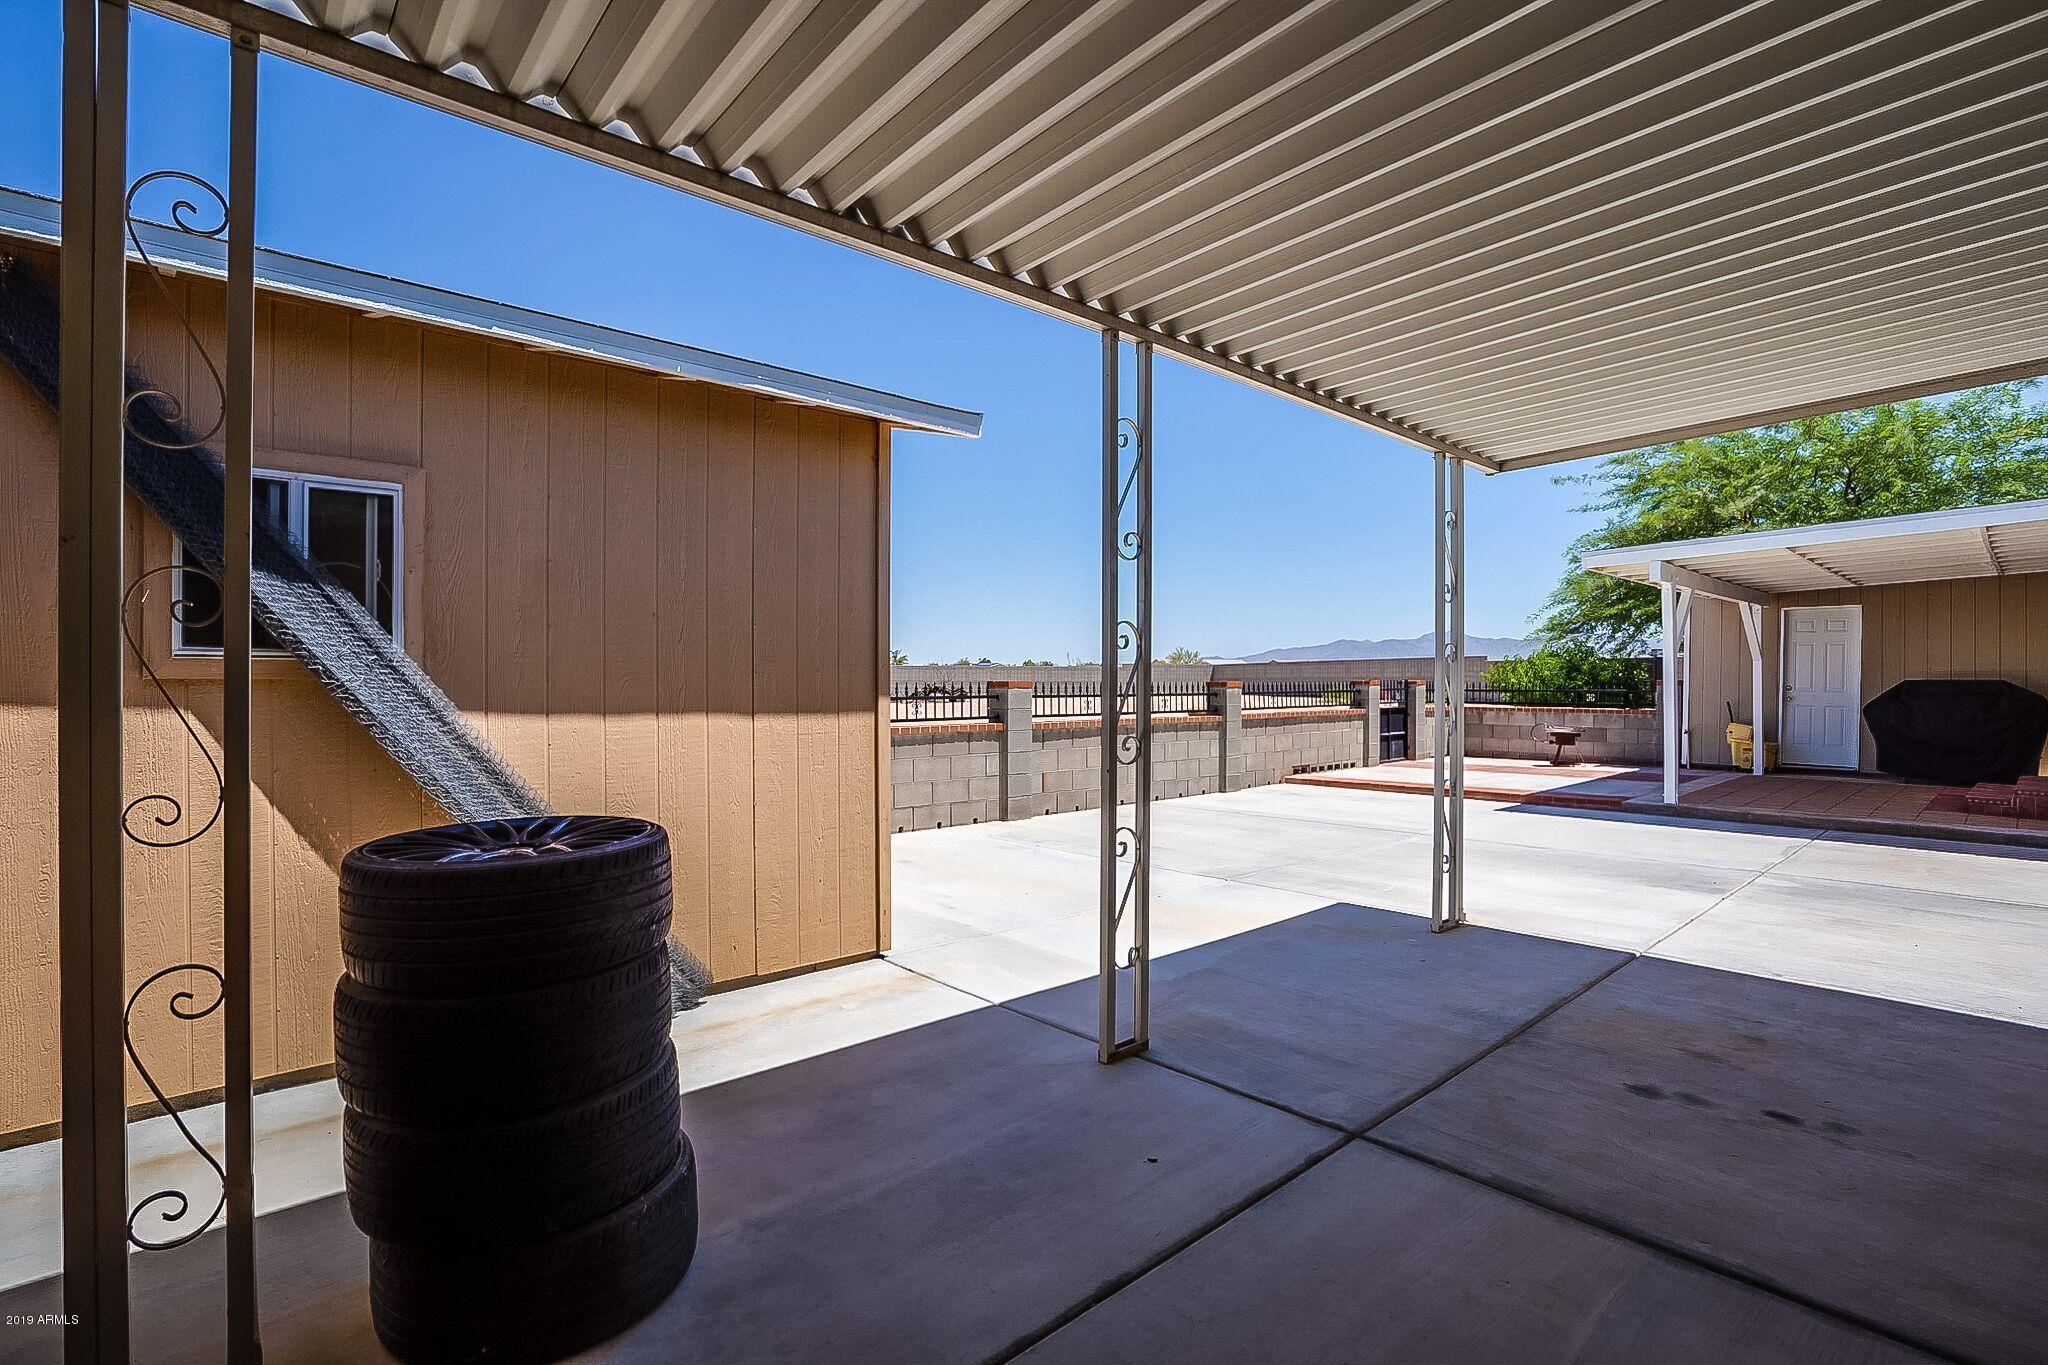 MLS 5940488 30304 W ROOSEVELT Street, Buckeye, AZ 85396 Buckeye AZ West Phoenix Estates